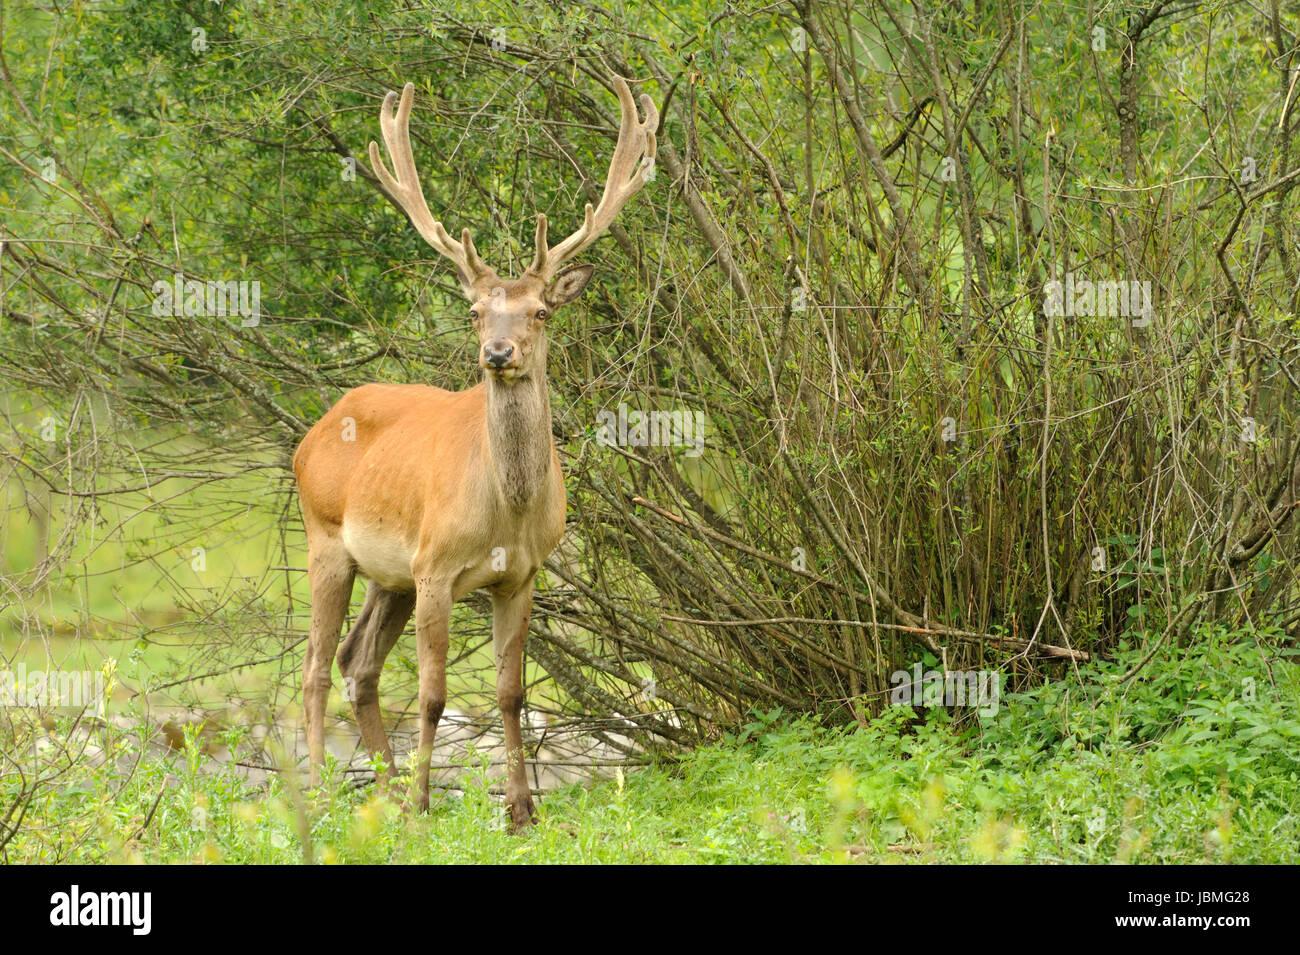 Altai deer in their natural habitat - Stock Image